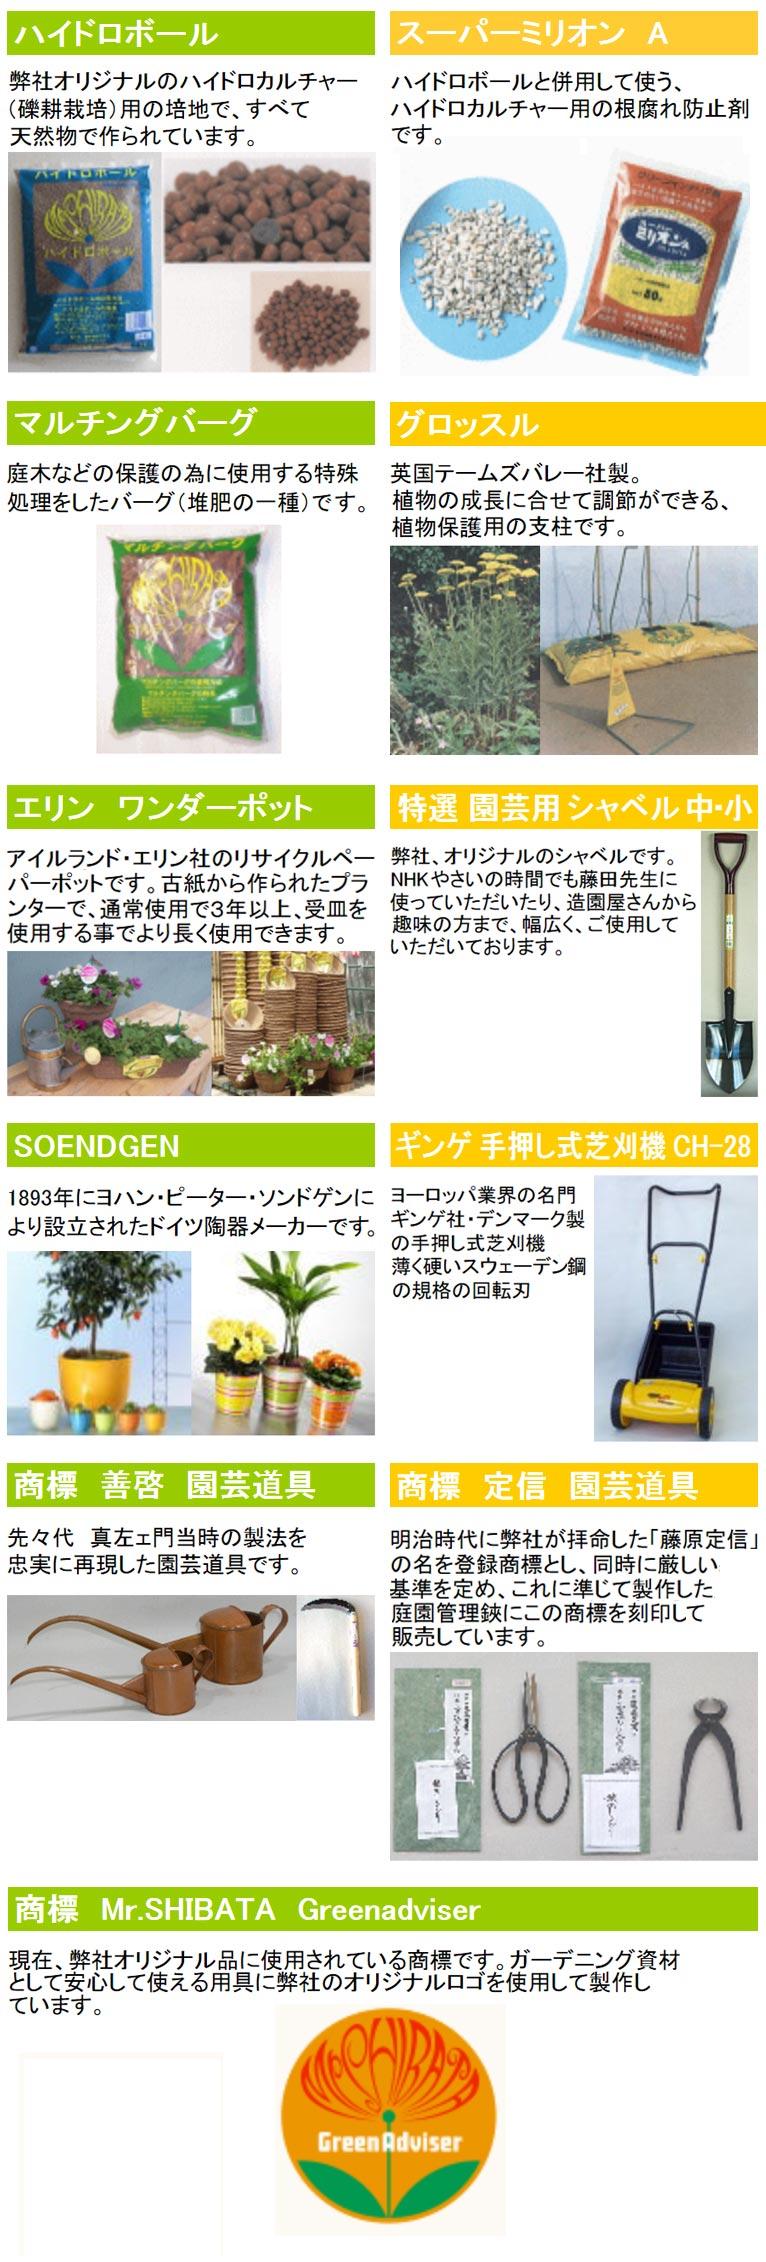 柴田園芸刃物株式会社オリジナル商品